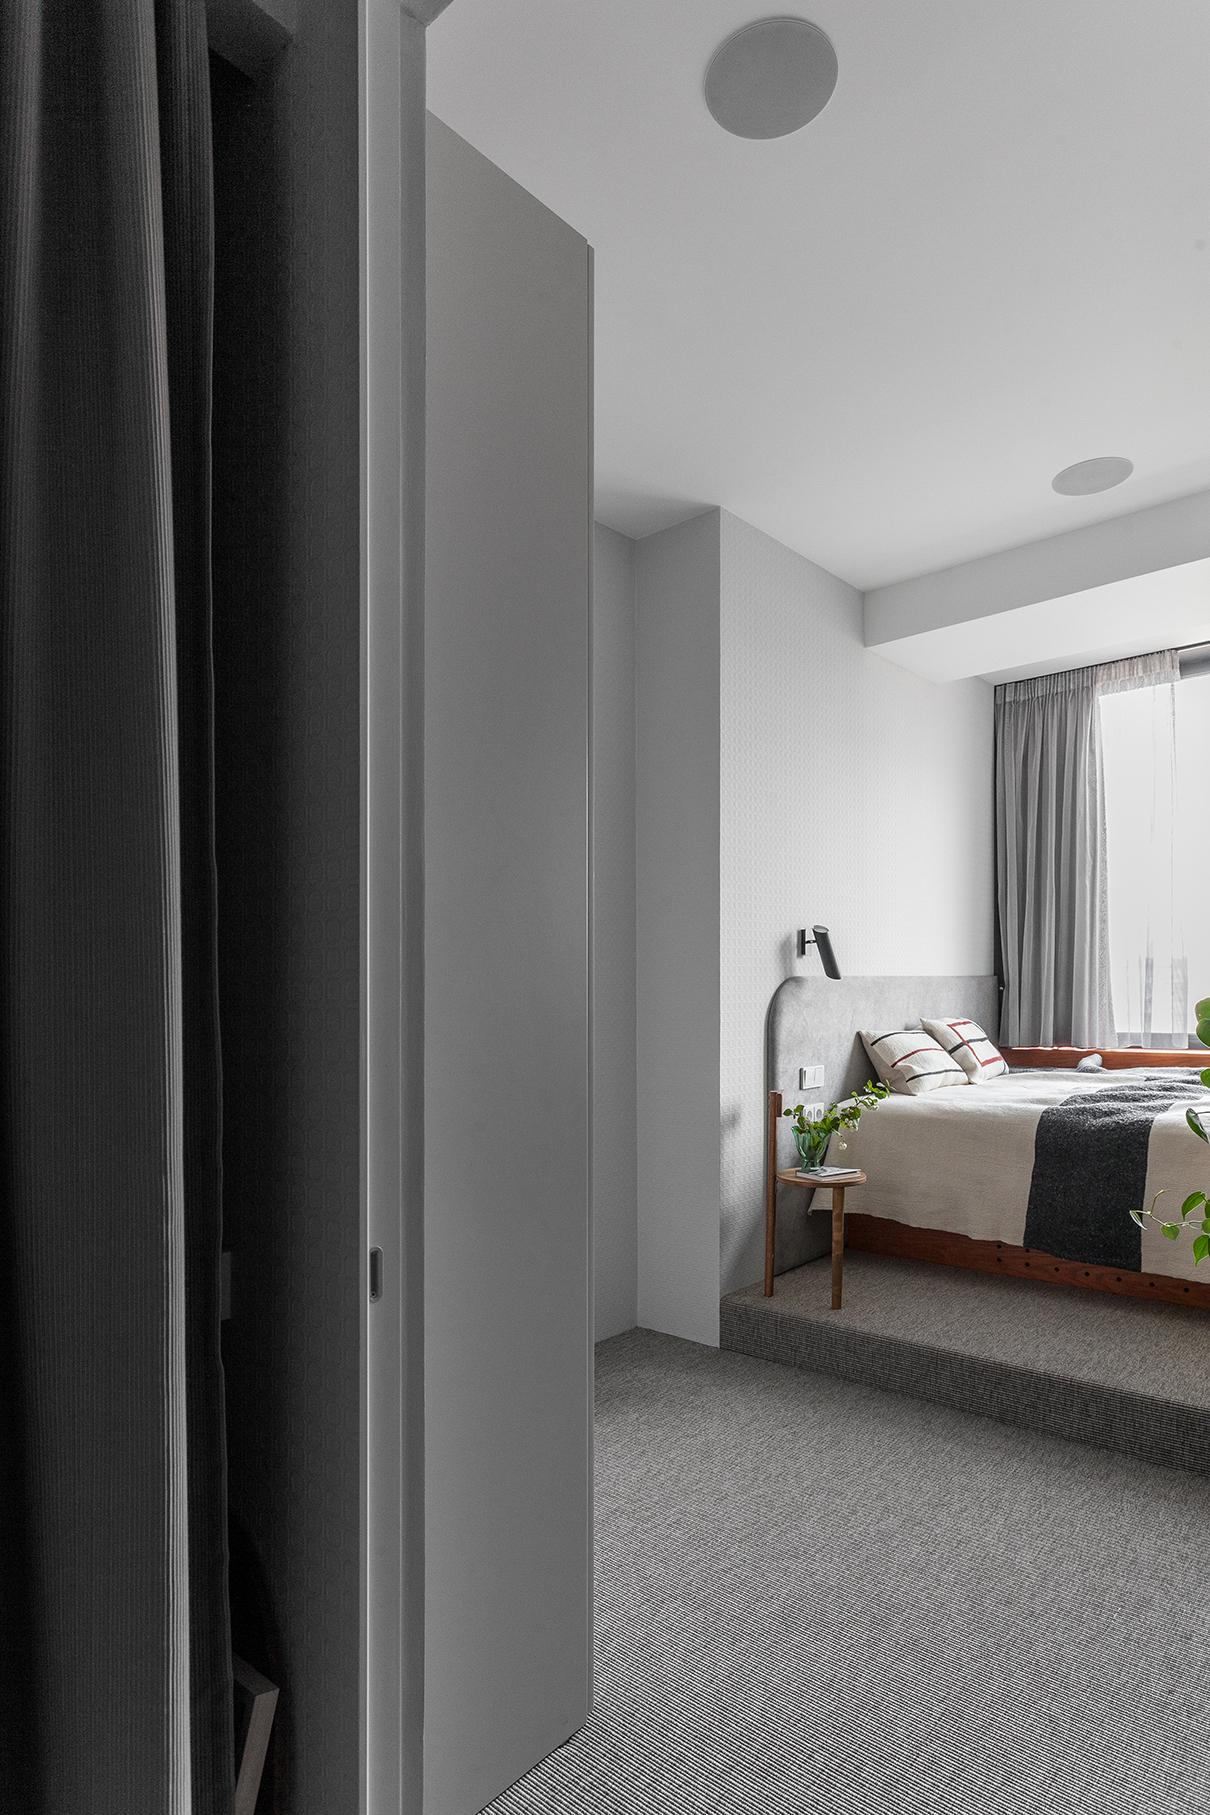 Хозяйскую спальню организовали на месте кухни, официально упразднив газ. Спальное место разместили у окна практически в уровень с подоконником, такую высоту захотели сами заказчики-жаворонки— чтобы с восходом солнца просыпаться бодрыми и полными сил. Для этого конструкцию кровати с мягким изголовьем архитекторы дополнительно поместили на подиум. Задействовали и подоконник, превратив его в прикроватную полку. Пол, переходящий в подиум, укрыт ковровой циновкой Balta Nature. Конструкция кровати разработана студией индивидуально для этого проекта и выполнена из тонированного шпона ясеня